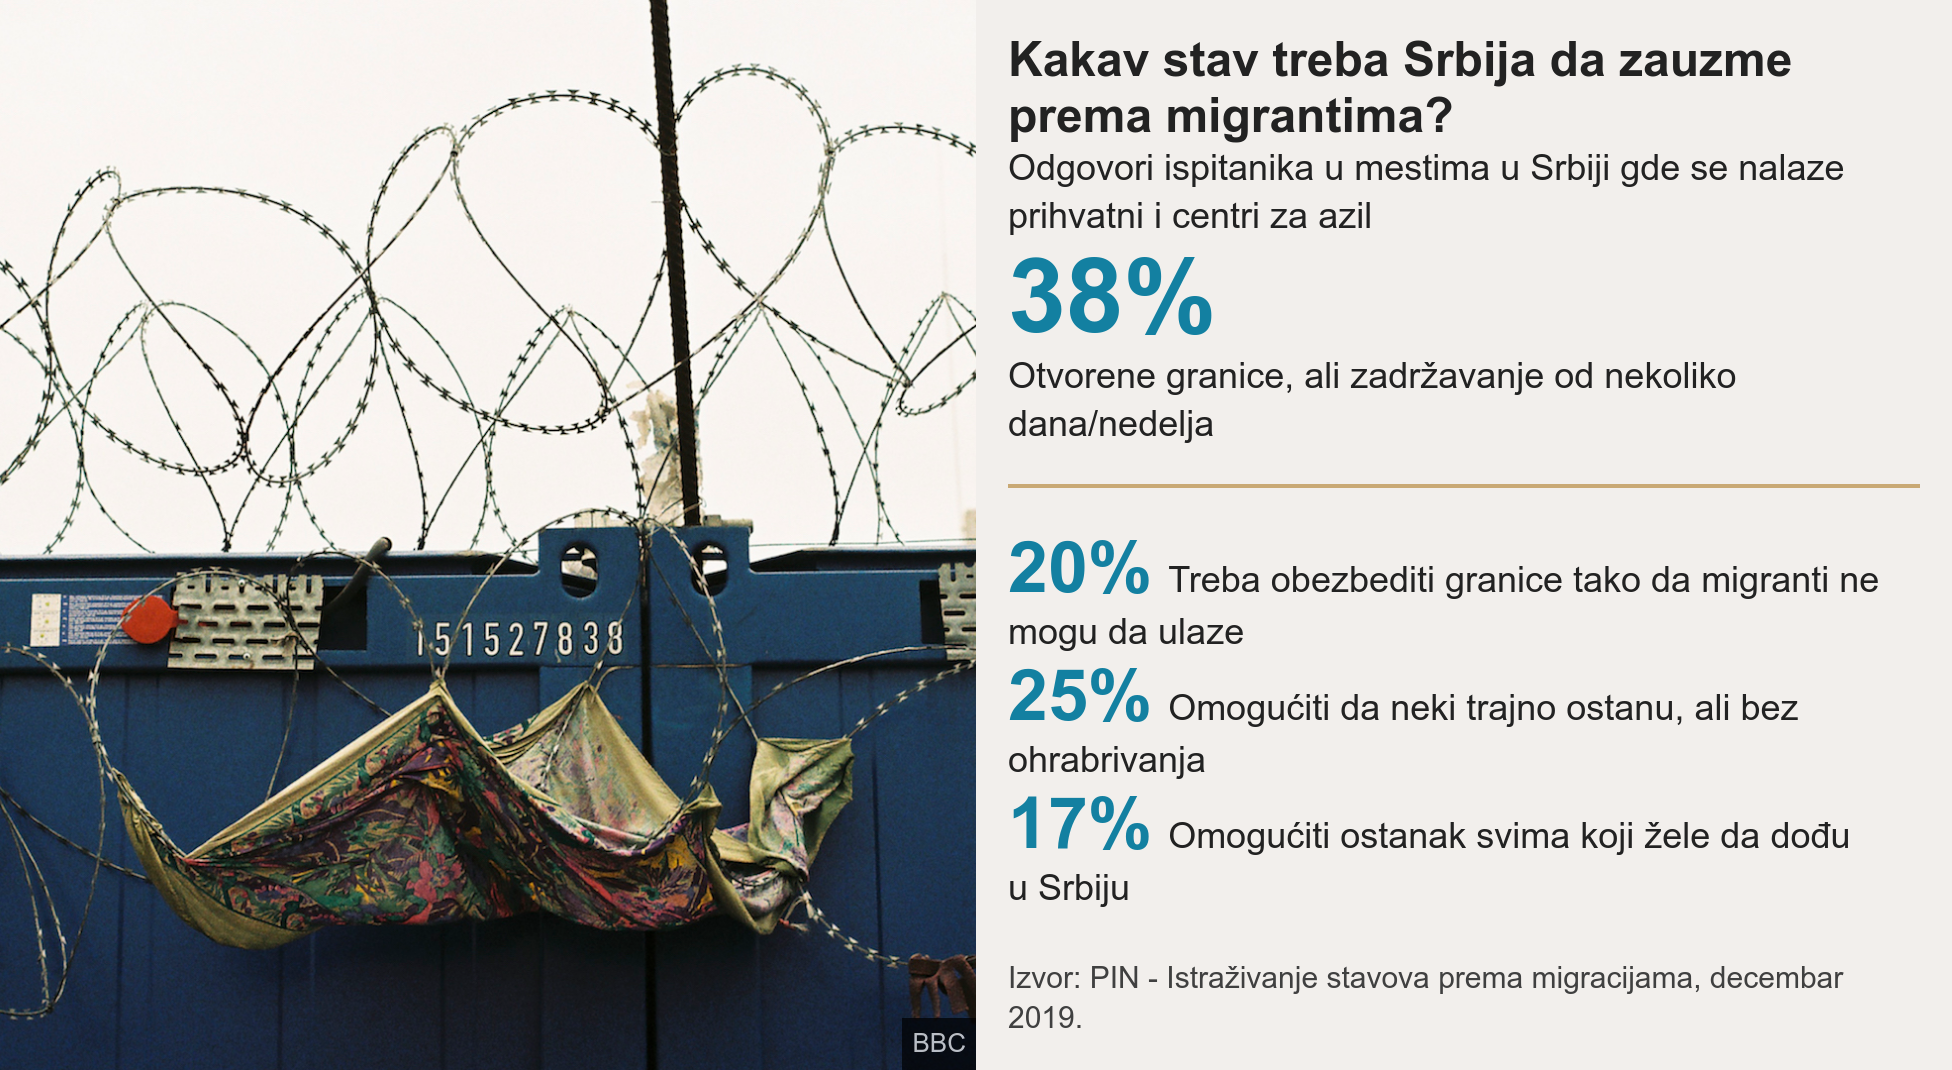 stavovi o migrantima u srbiji